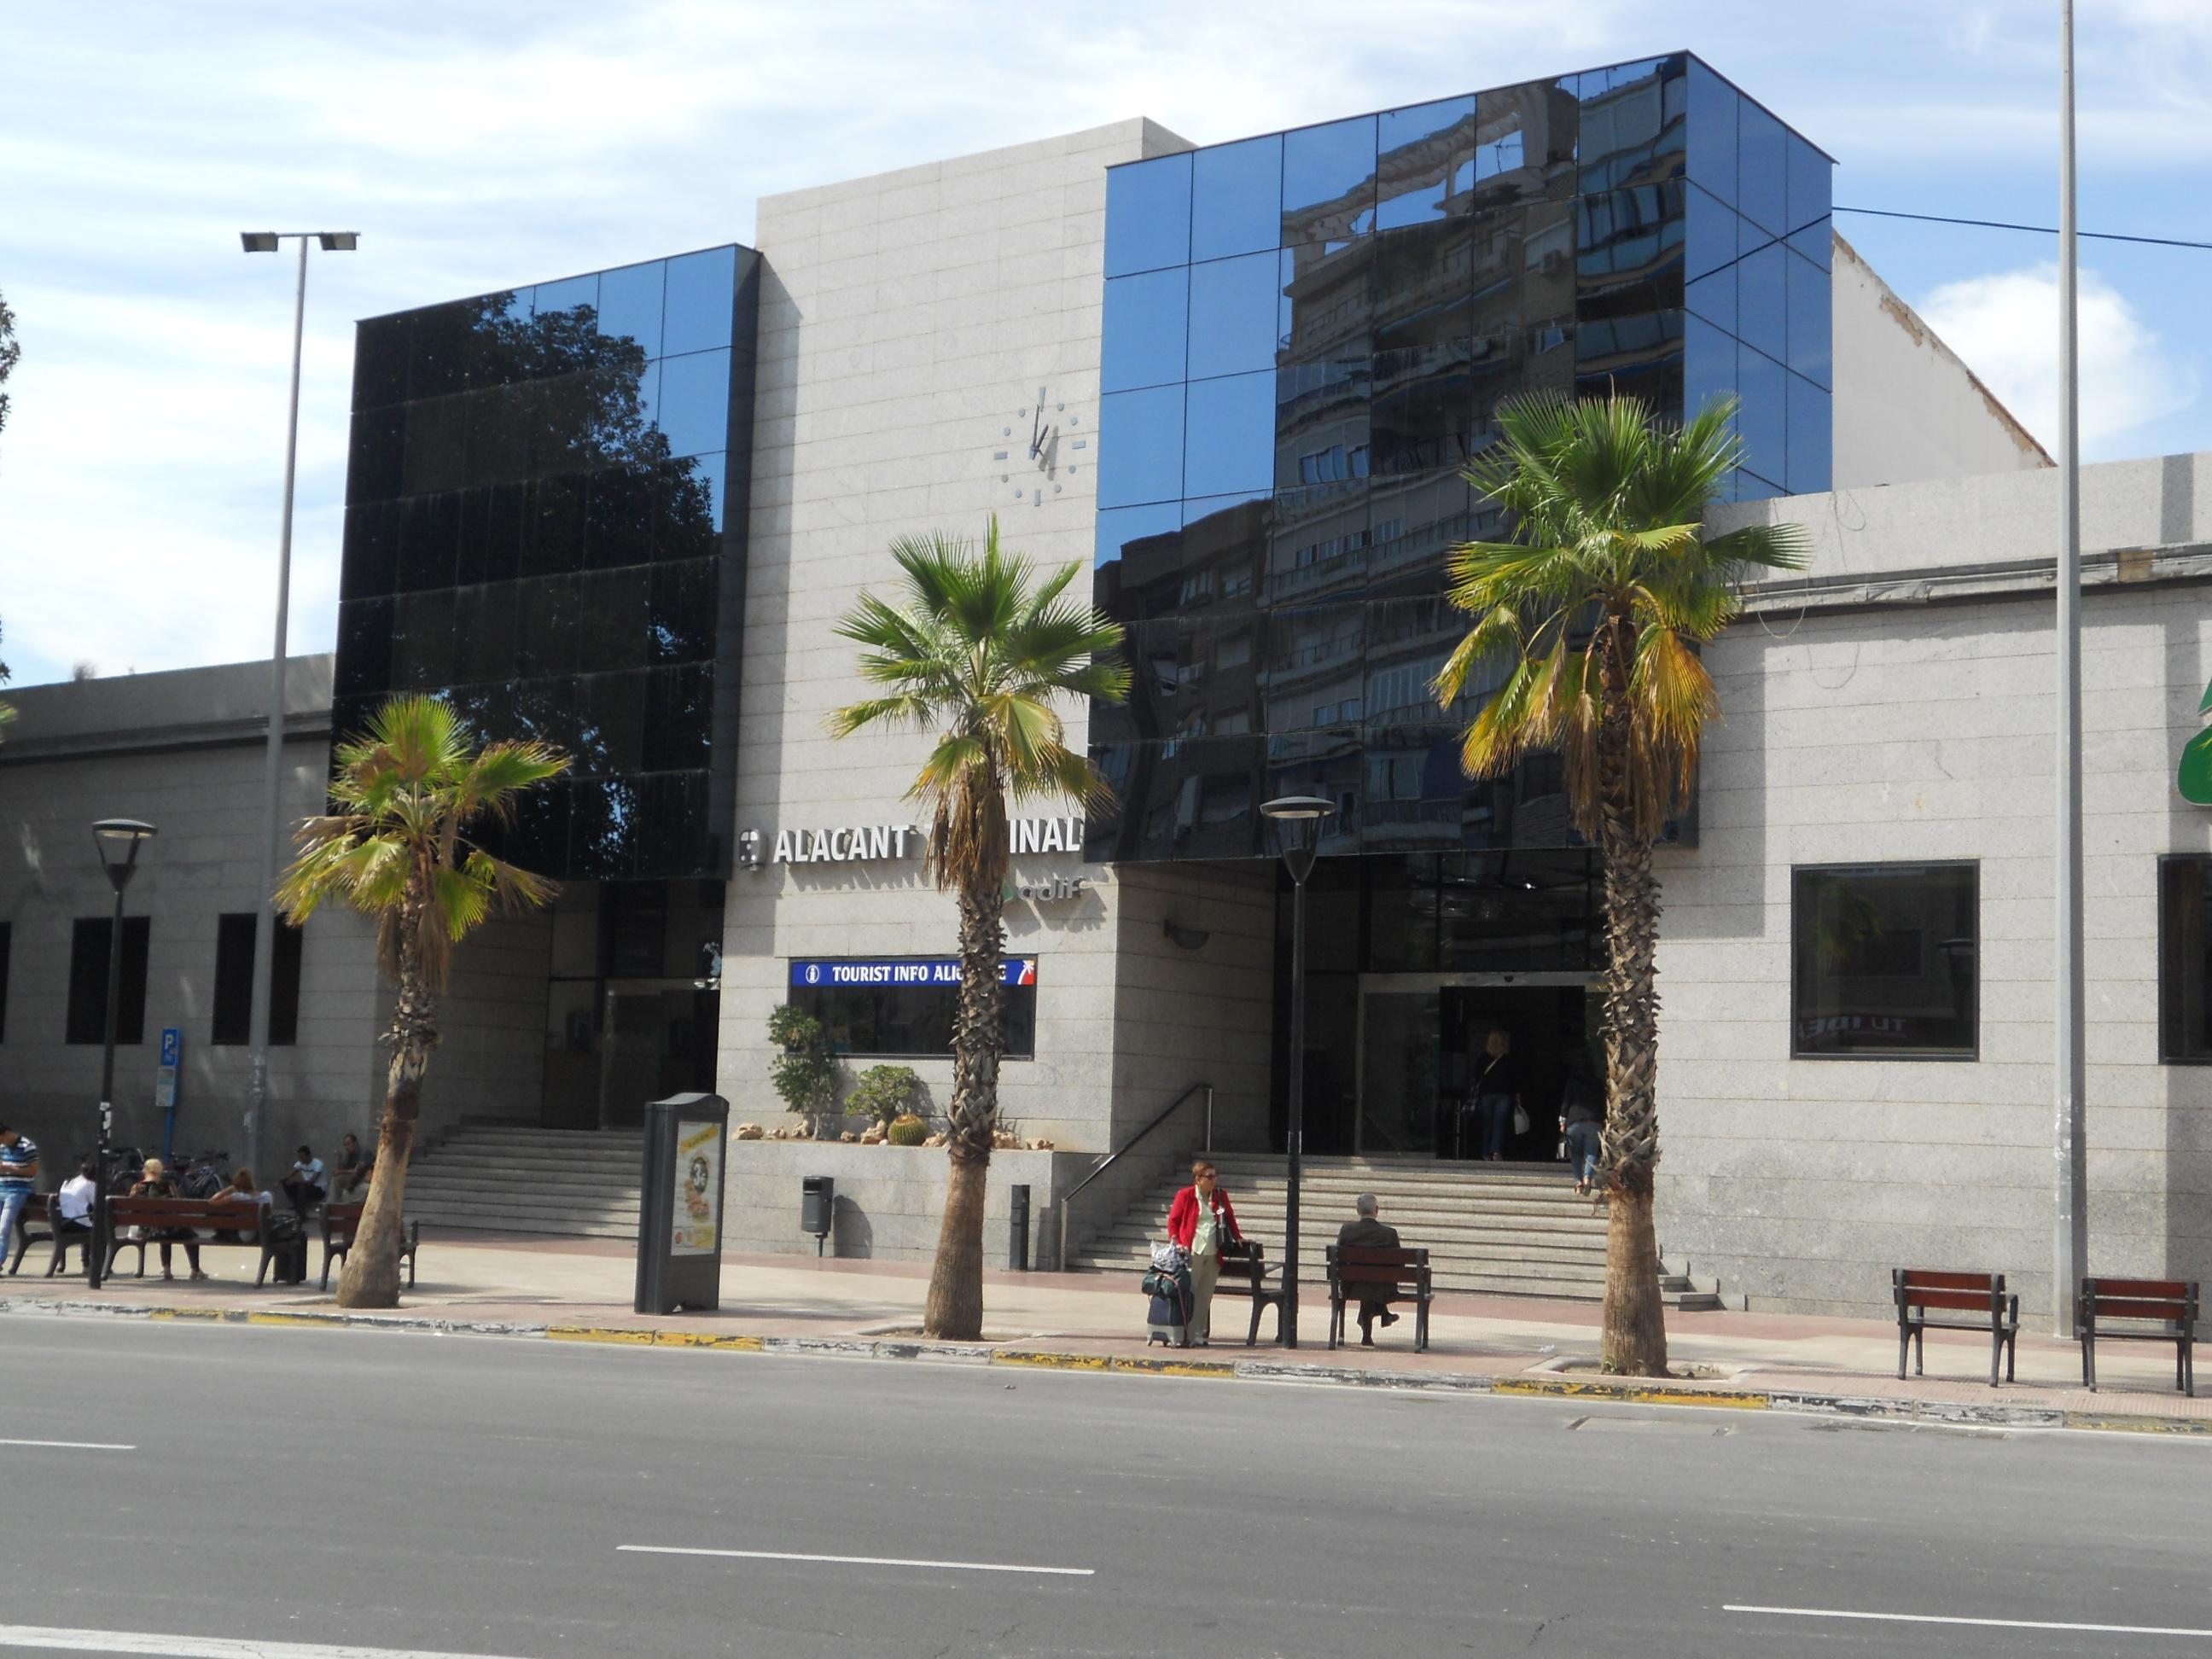 ALICANTE: La Empresa de Renfe cierra los primeros seis años del AVE Alicante-Madrid con Más de 11 millones de pasajeros